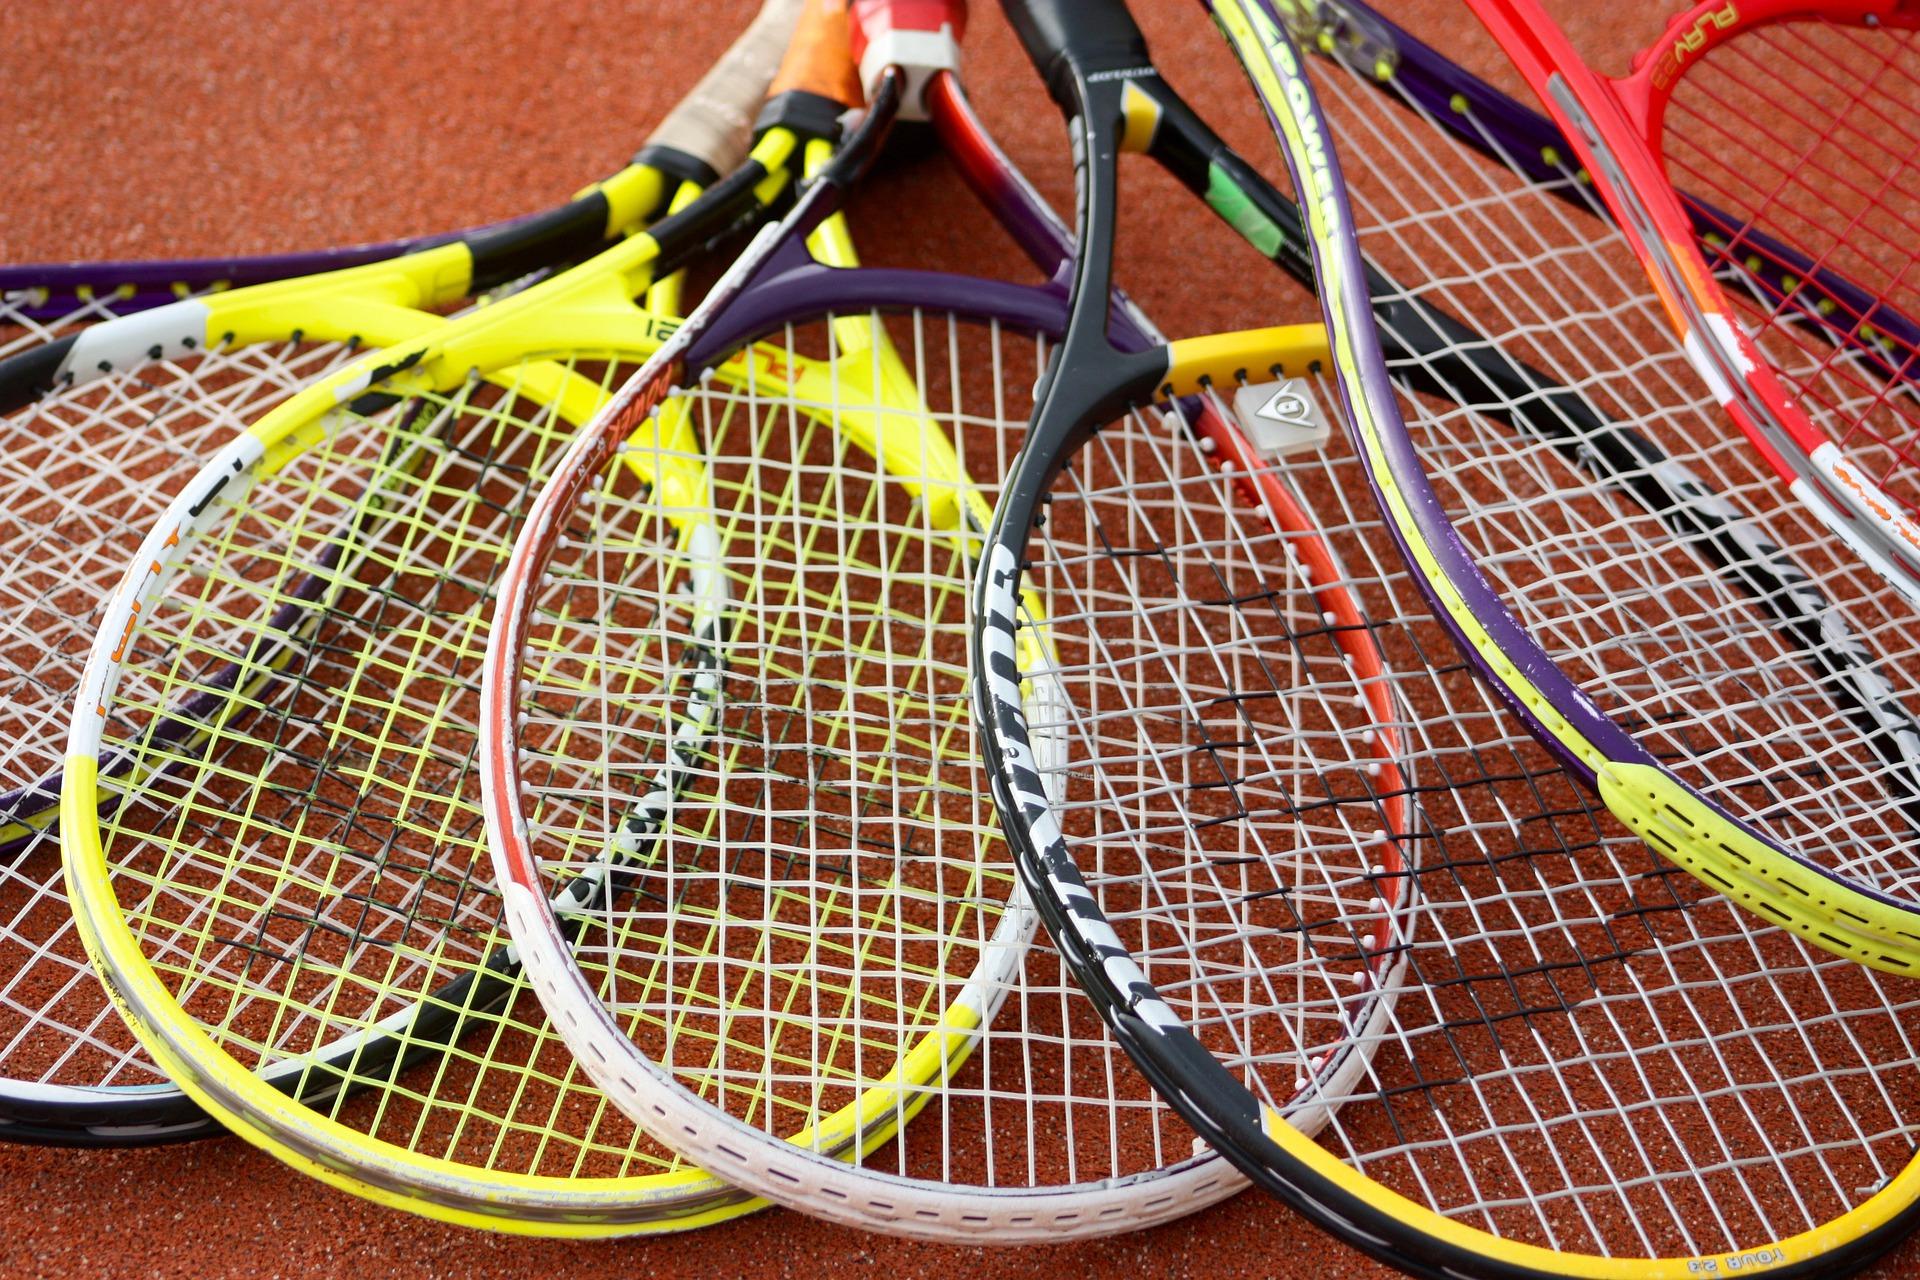 Bild von Tennisschlägern